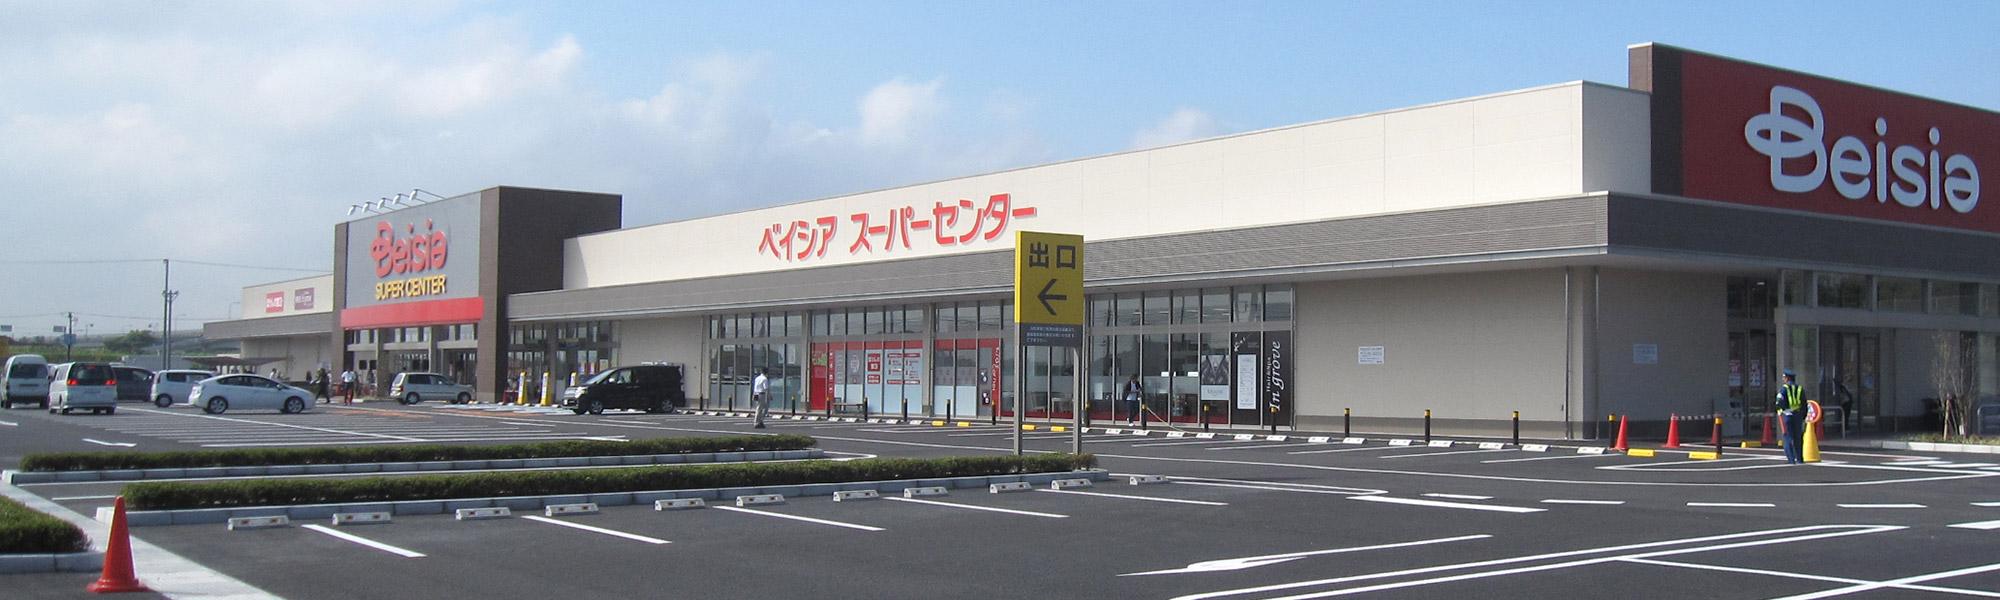 ベイシア木更津金田店